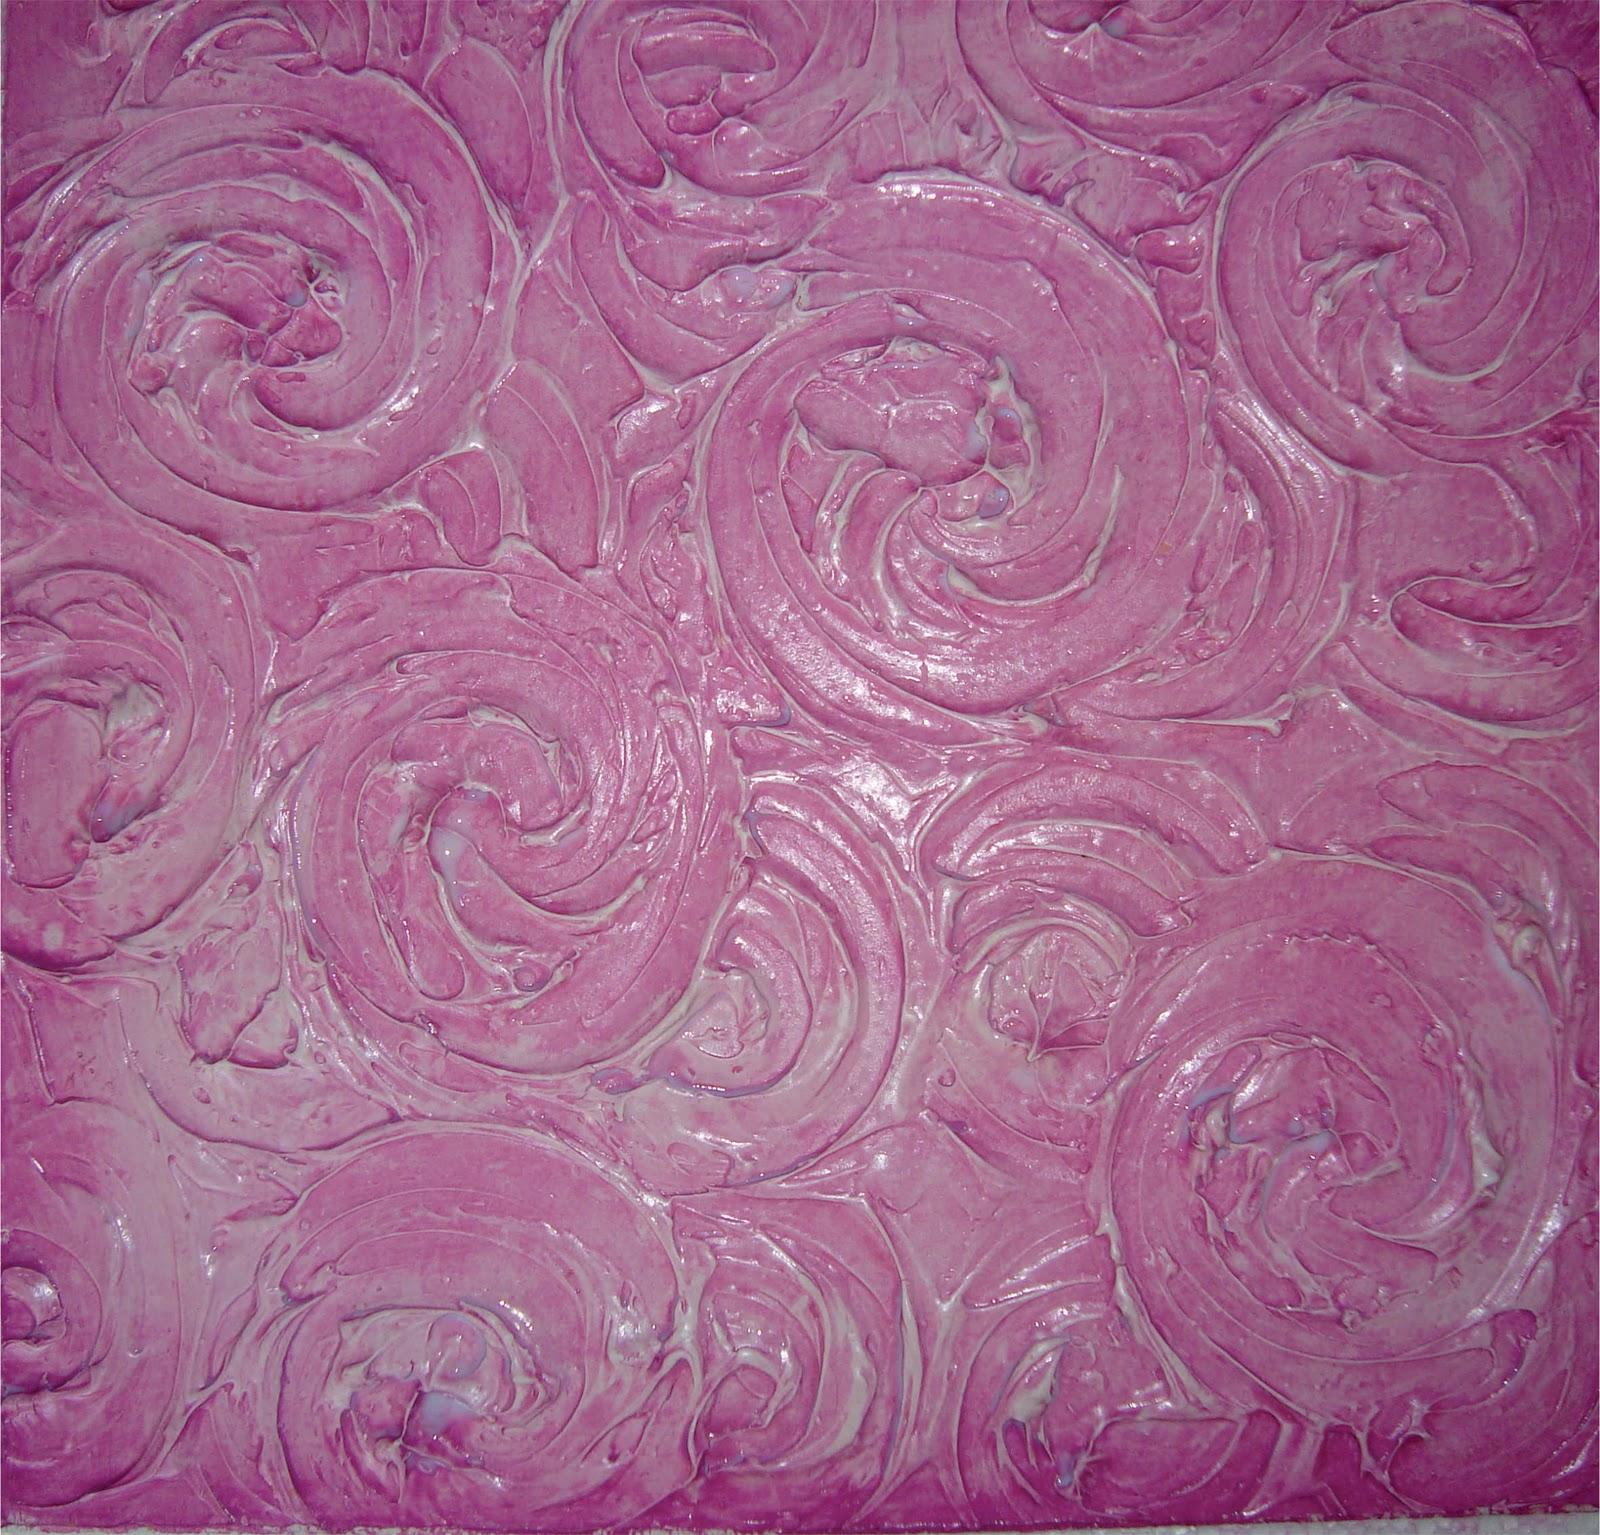 Pintura decorativa em paredes efeito rosas - Pintura decorativa paredes ...